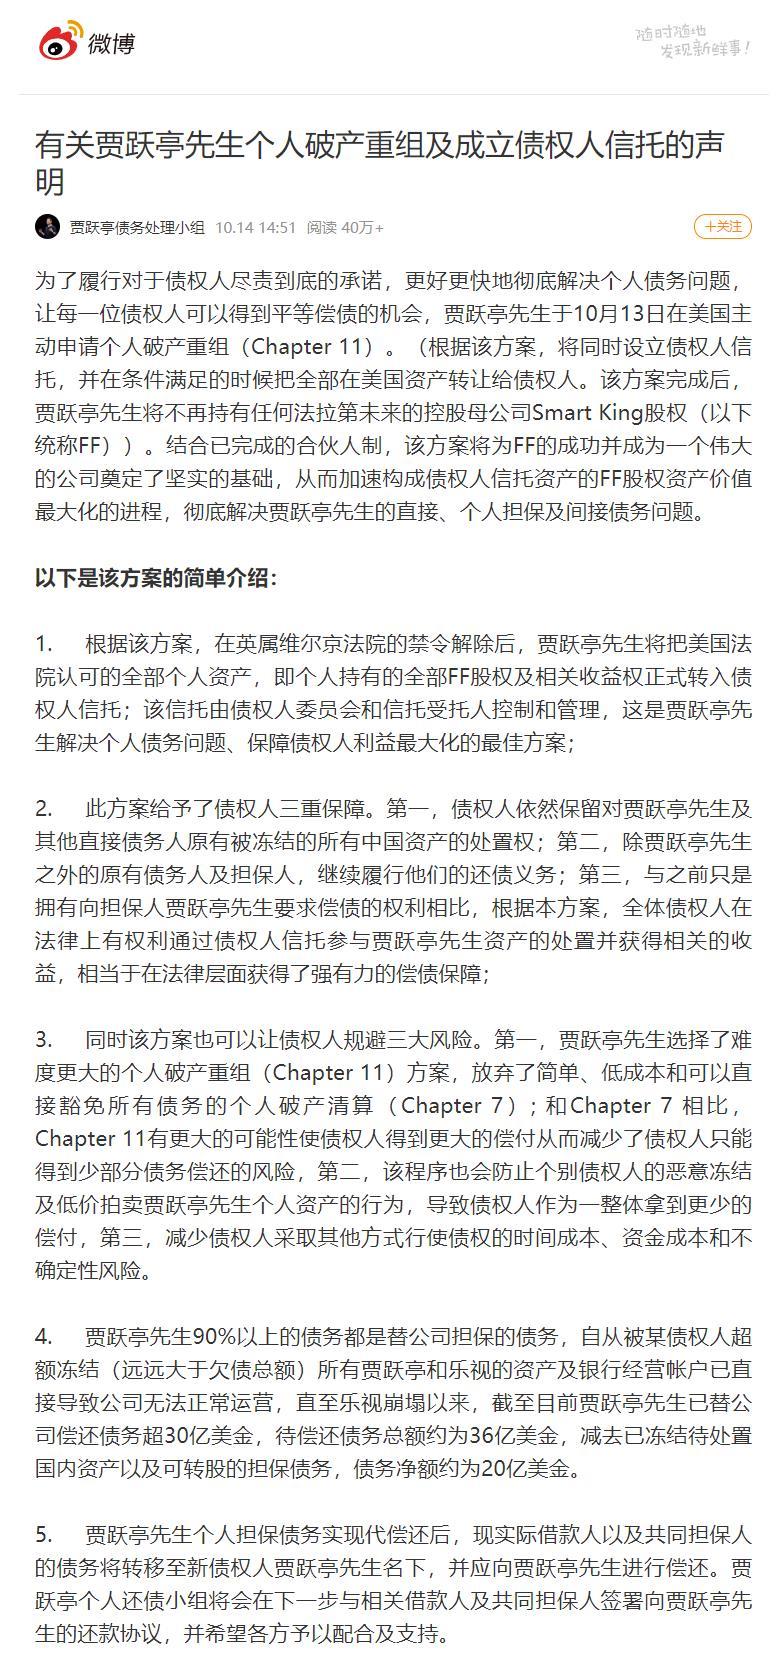 贾跃亭债务处理小组:债务净额约为20亿美元